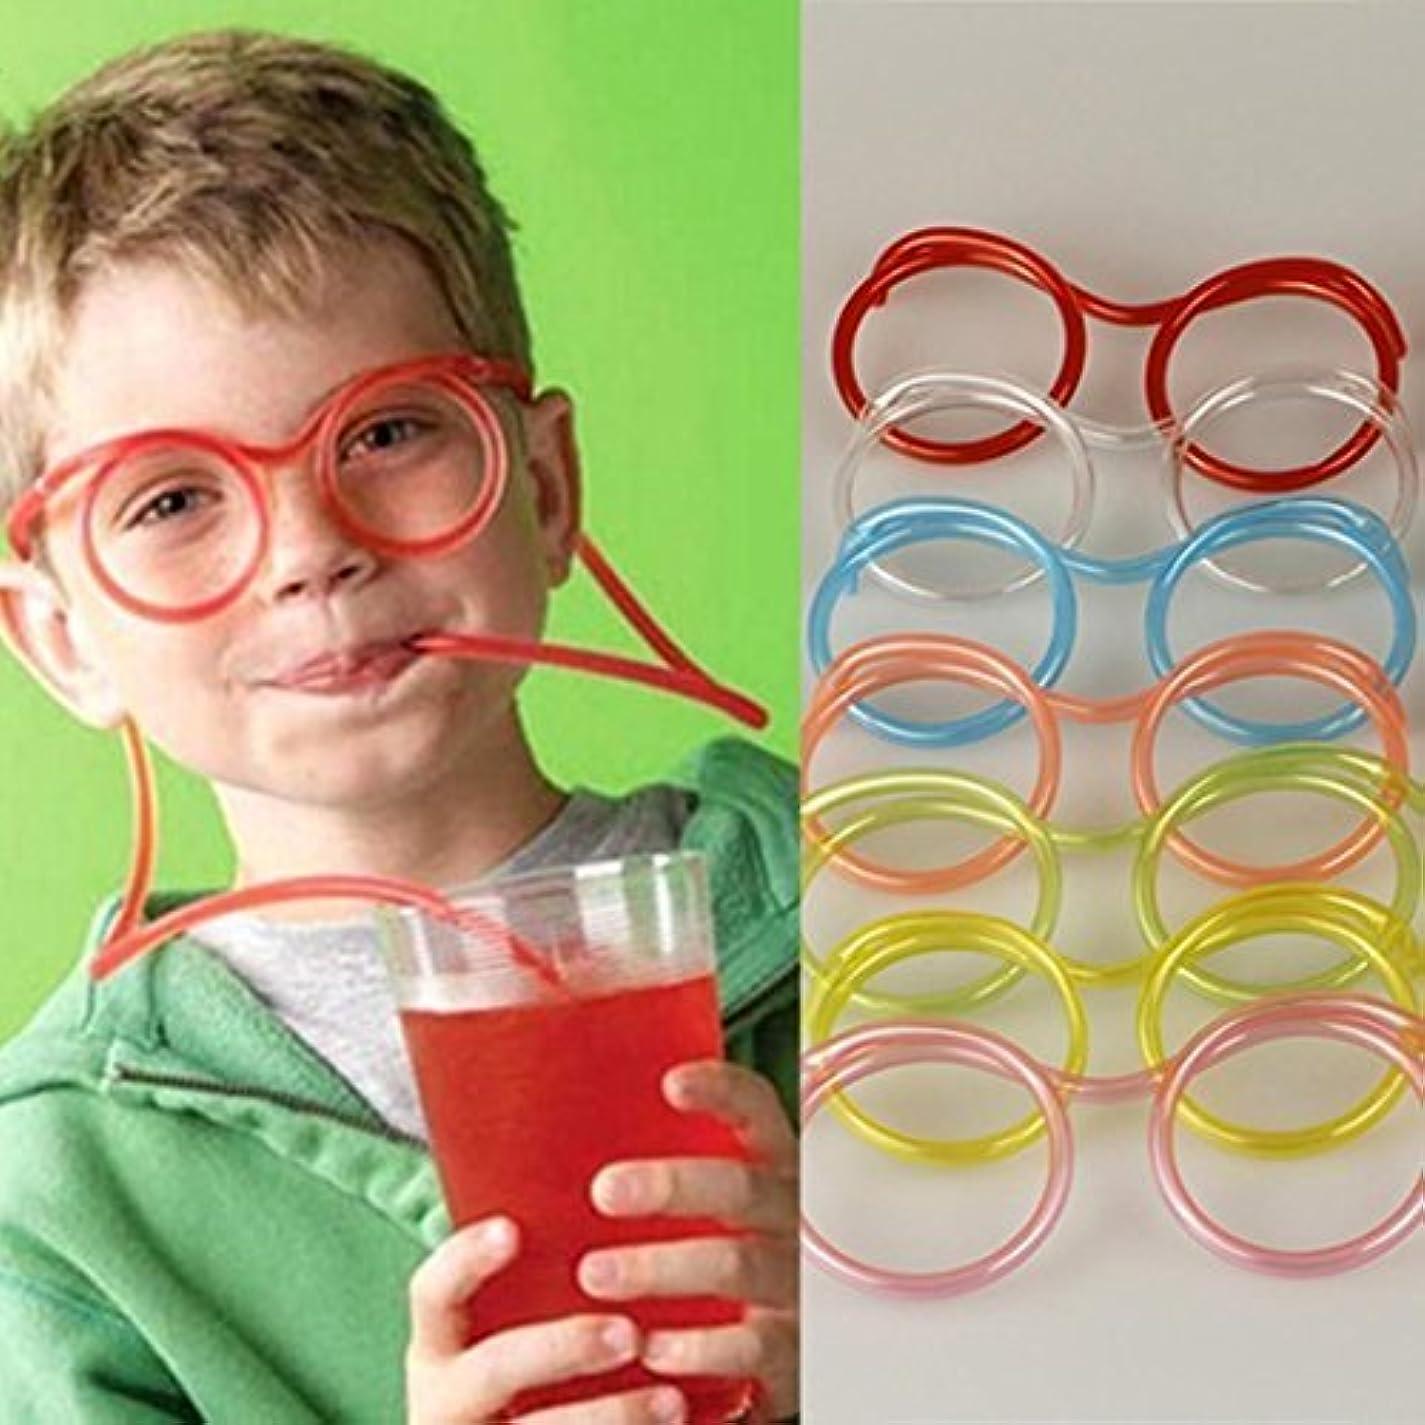 残りオーガニック保持する子供の狂った管の柔軟なギフトパーティーストロー楽しい目新しさを飲んでガラスの供給